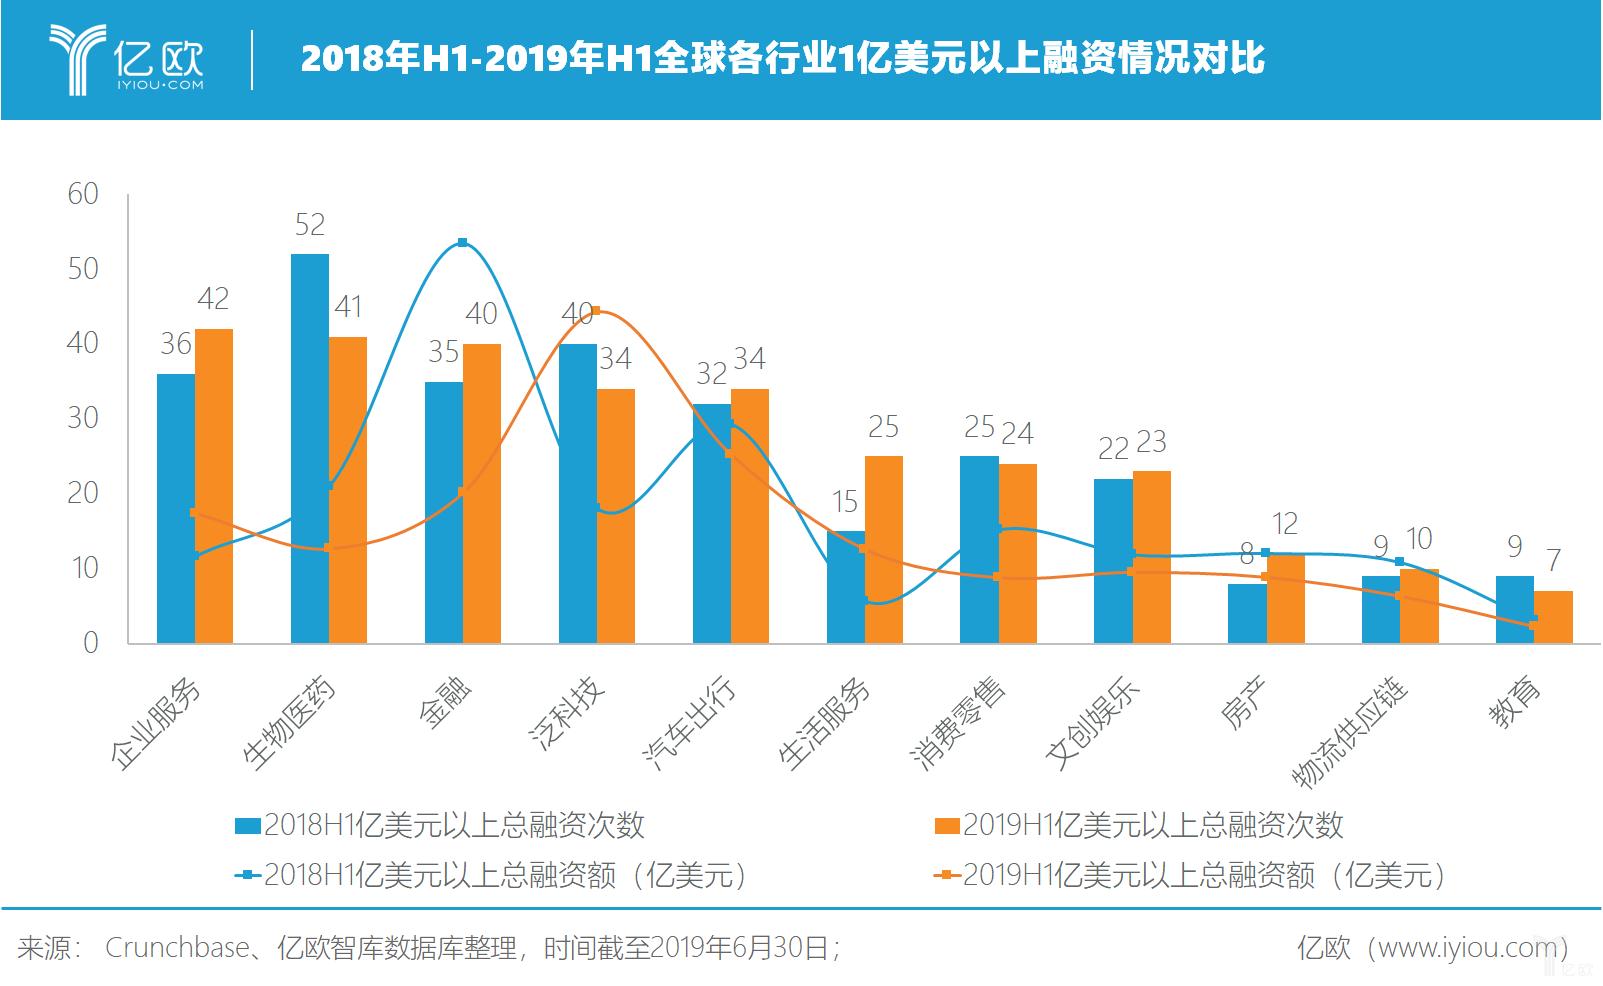 亿欧智库:2018年H1-2019年H1全球各行业1亿美元以上融资情况